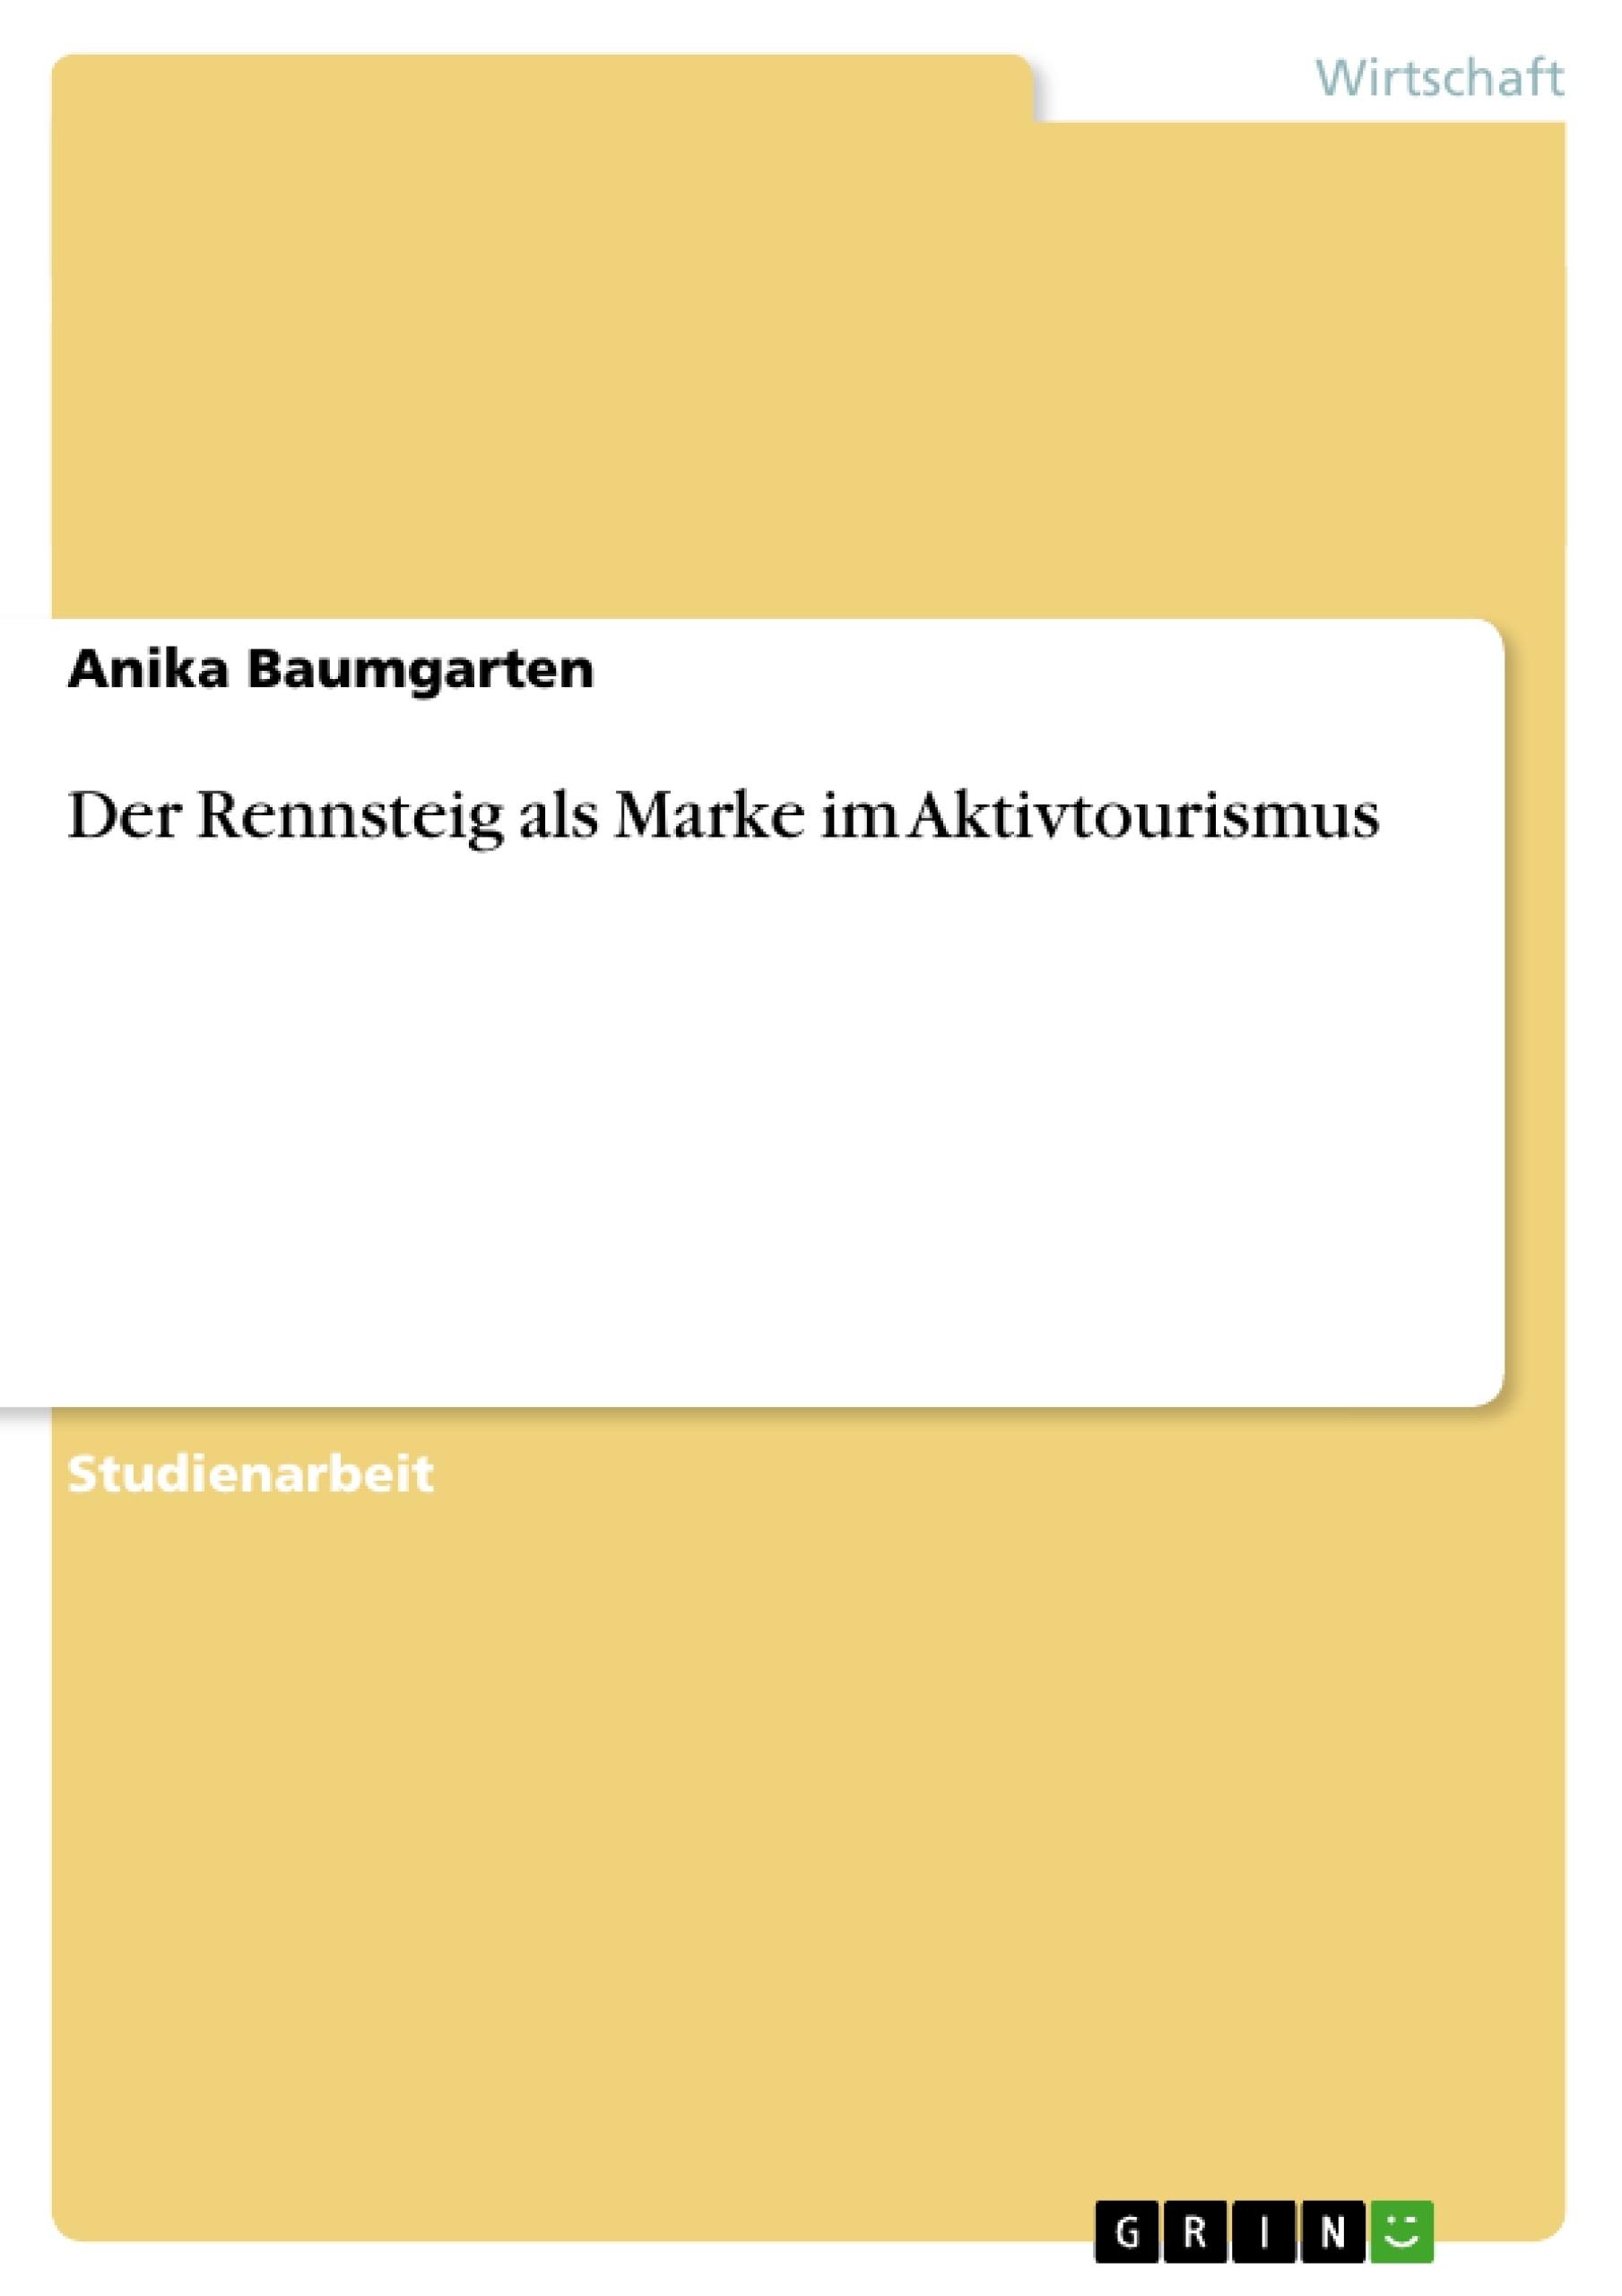 Titel: Der Rennsteig als Marke im Aktivtourismus